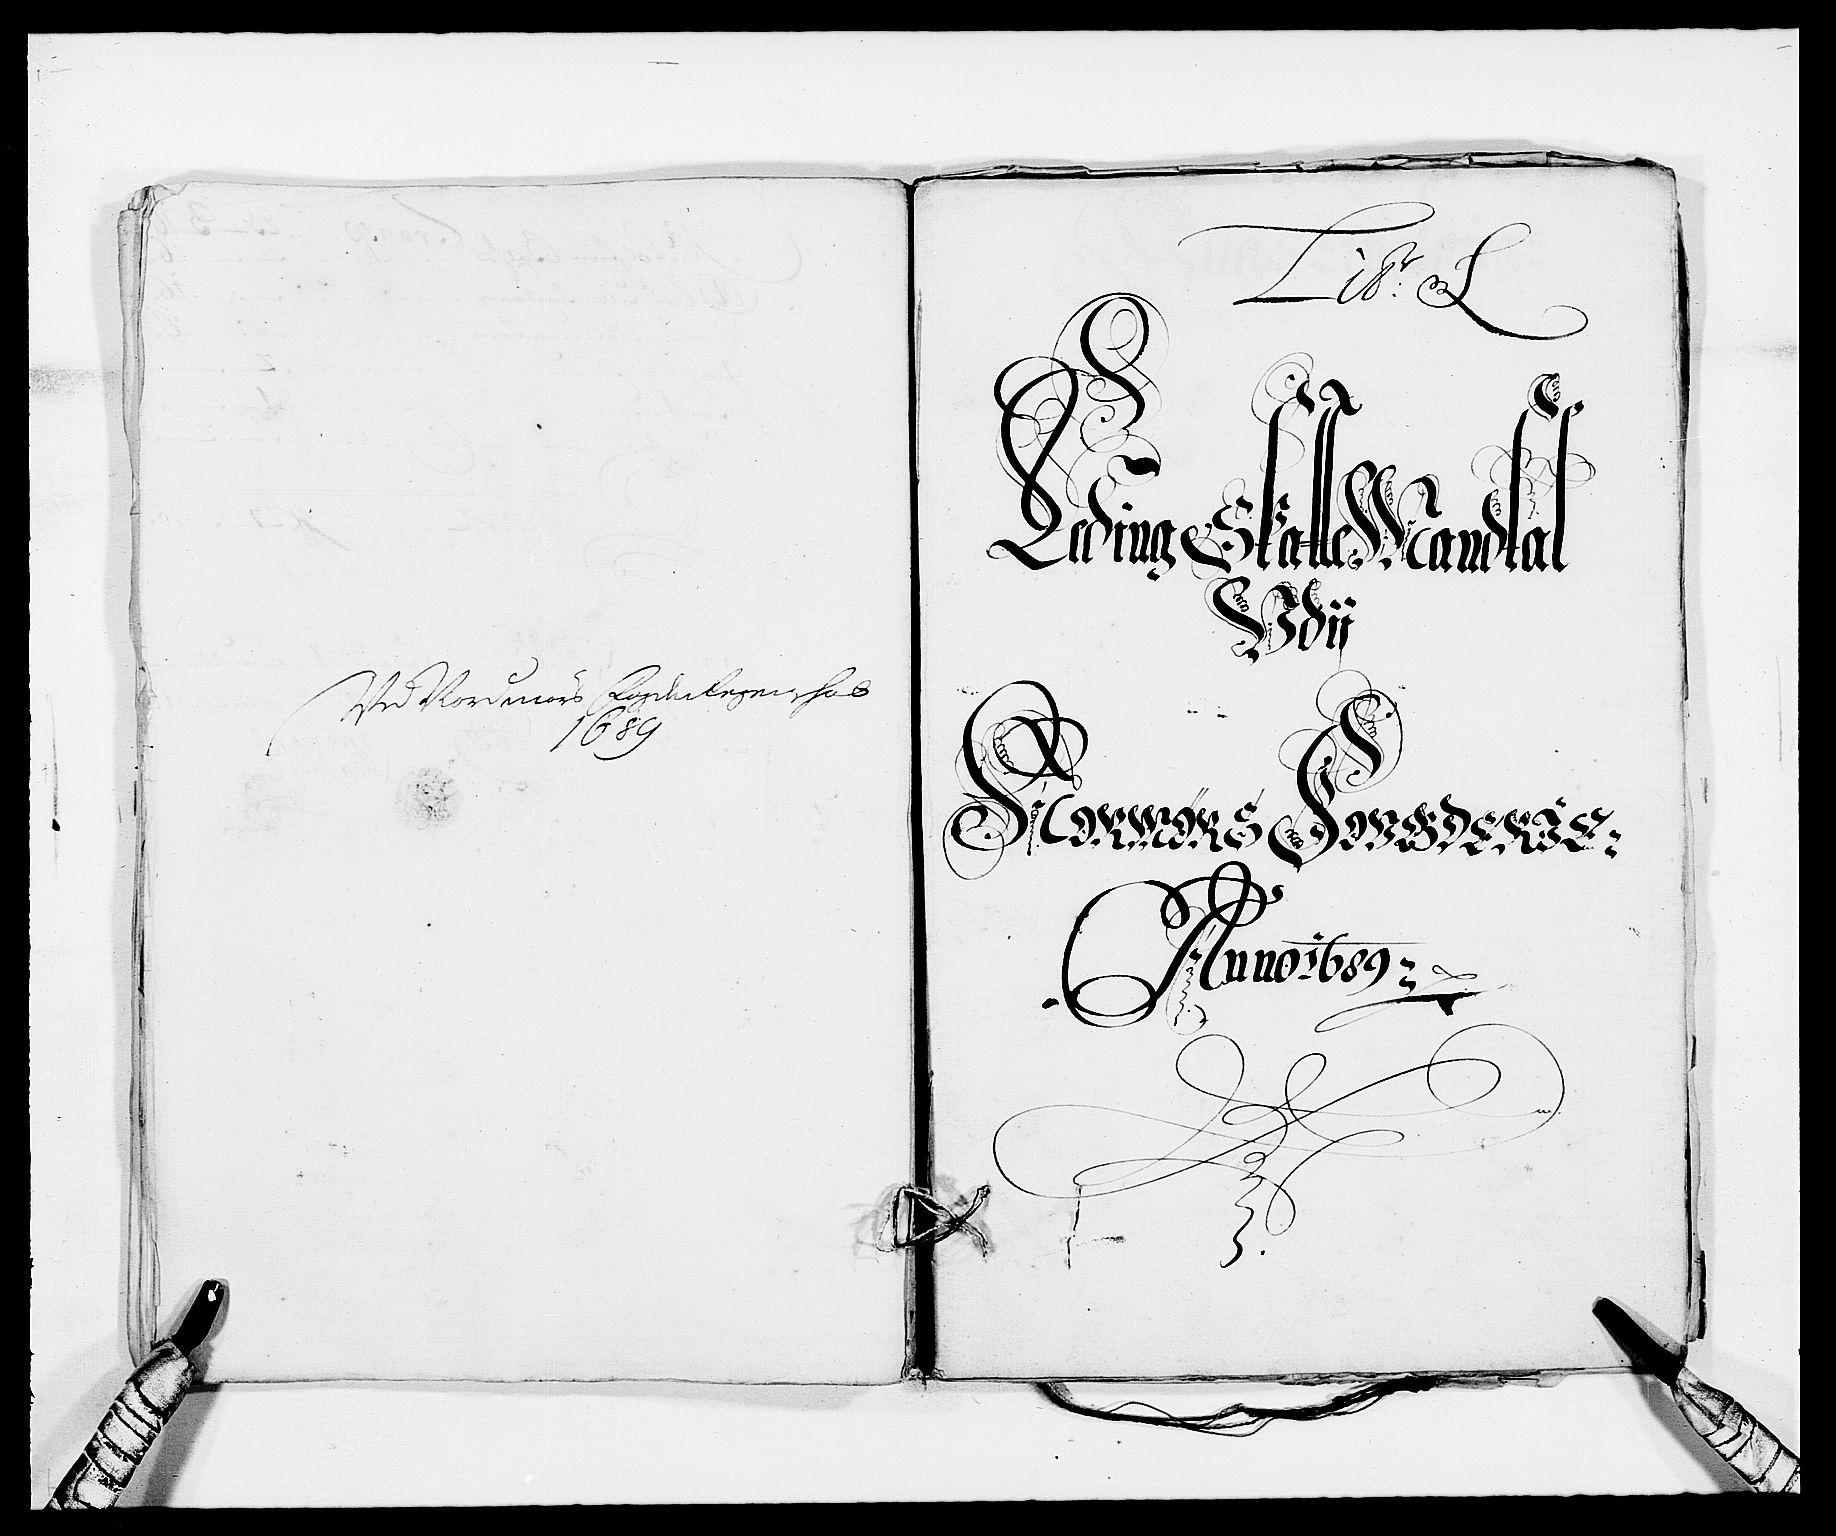 RA, Rentekammeret inntil 1814, Reviderte regnskaper, Fogderegnskap, R56/L3733: Fogderegnskap Nordmøre, 1687-1689, s. 435